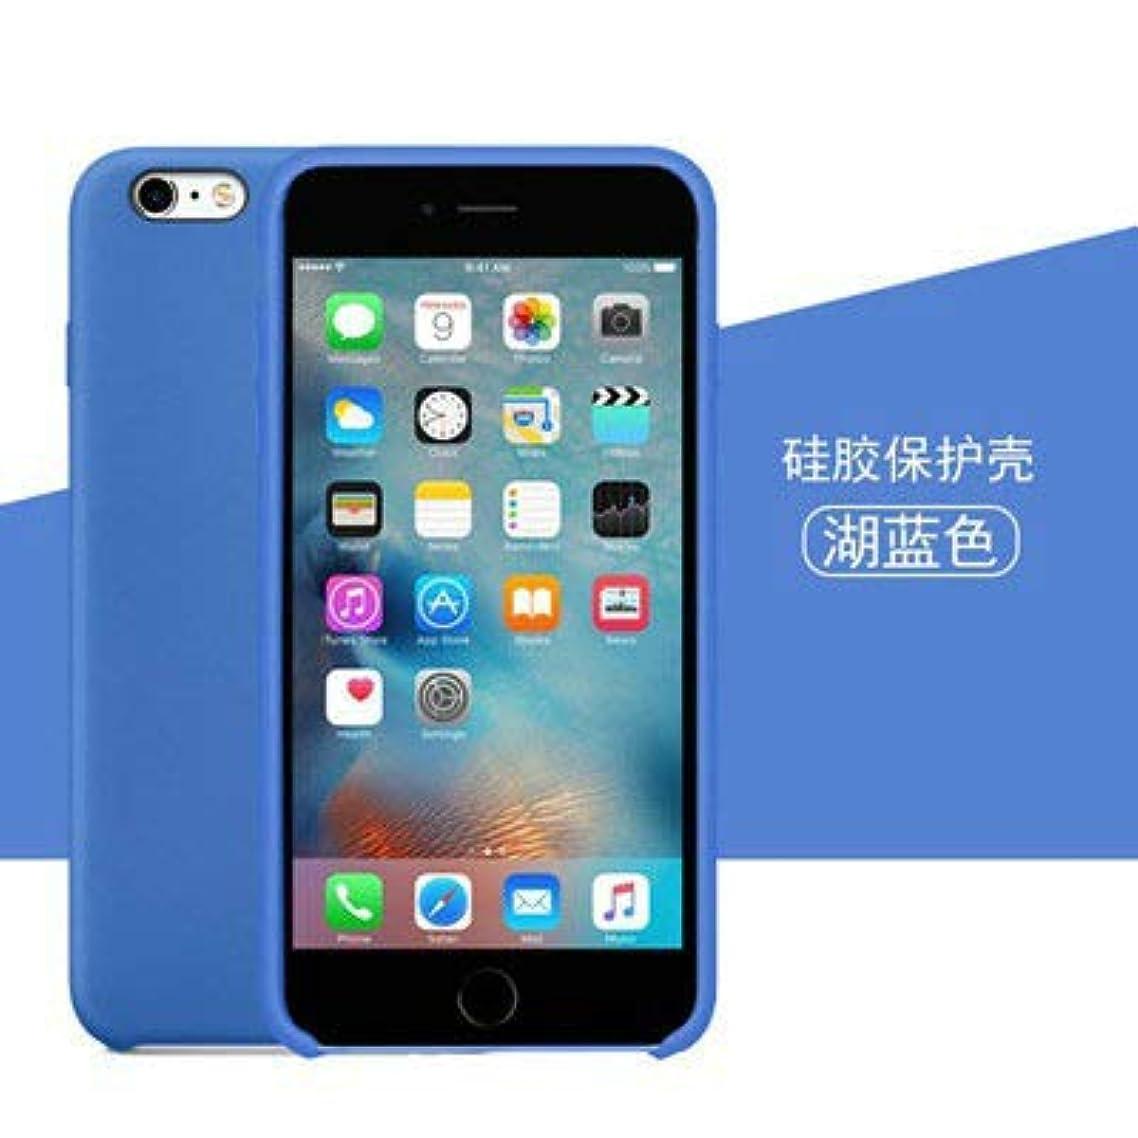 ショップアナウンサーお勧めiPhone ケース レディース メンズ 携帯ケース iPhone7/8/7Plus/8Plus,iPhone X/XR,iPhoneXS/XS MAX (iPhone8 Plus ケース)